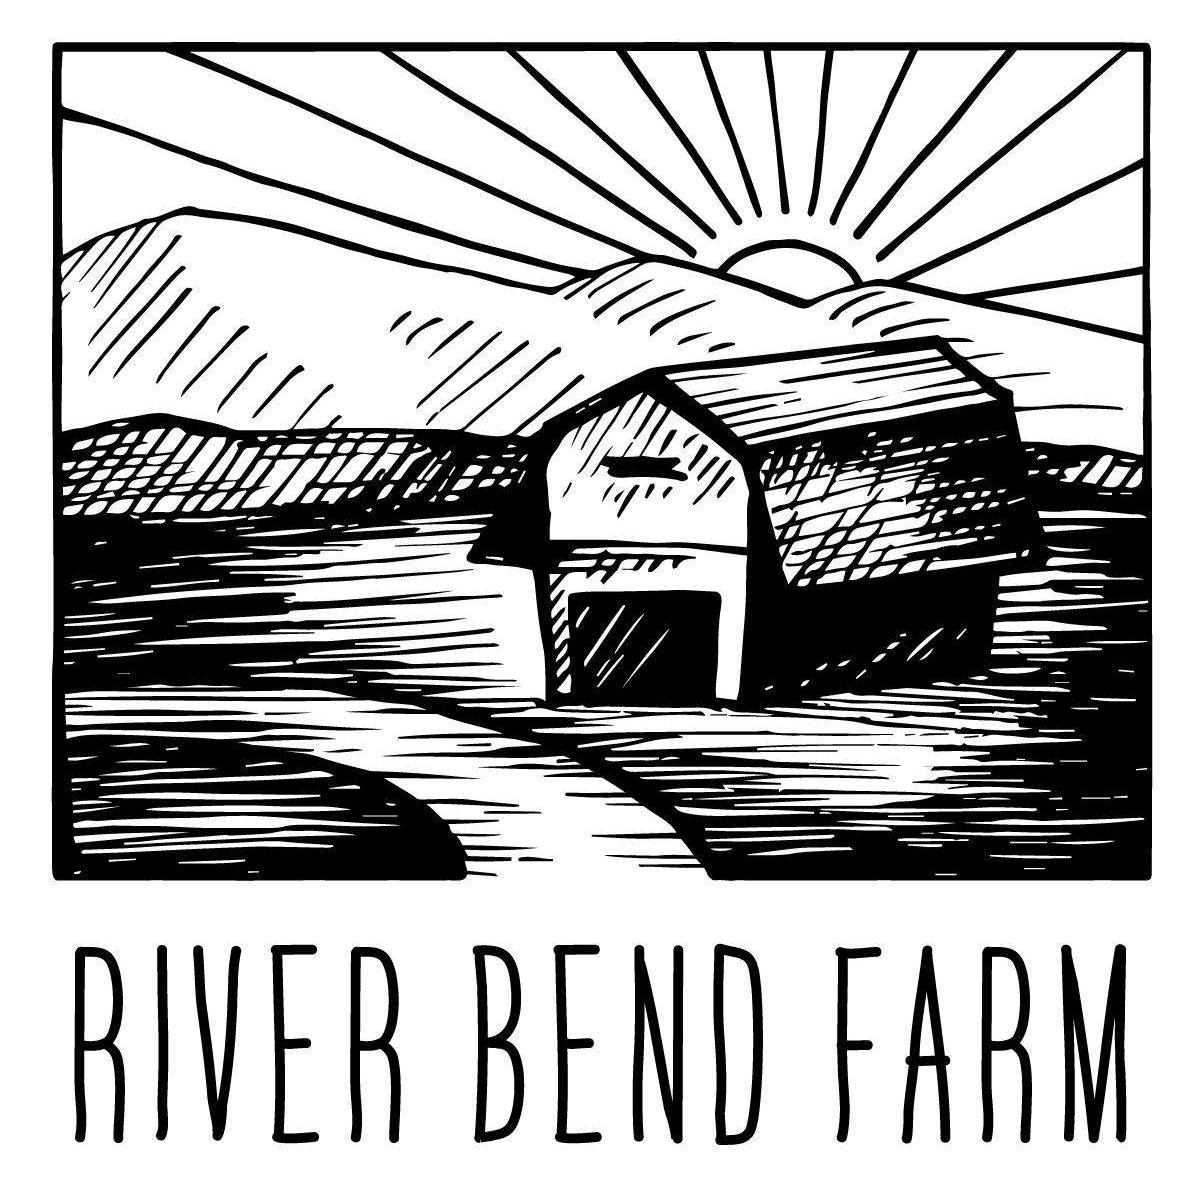 River Bend Farm